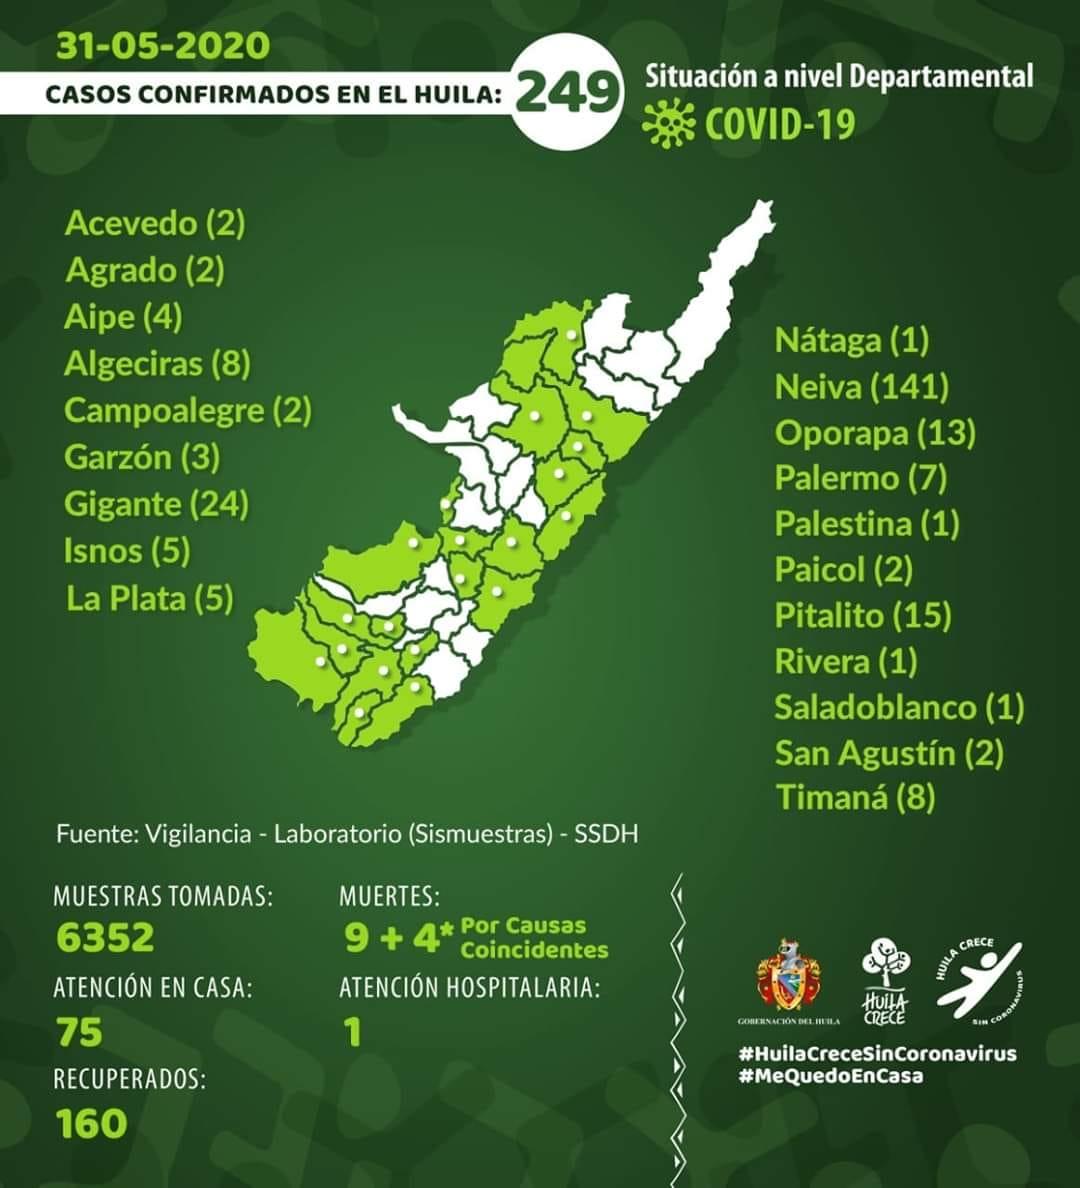 SECRETARIA DEPARTAMENTAL DEL HUILA CONFIRMA 2 NUEVOS CASOS DE COVID-19